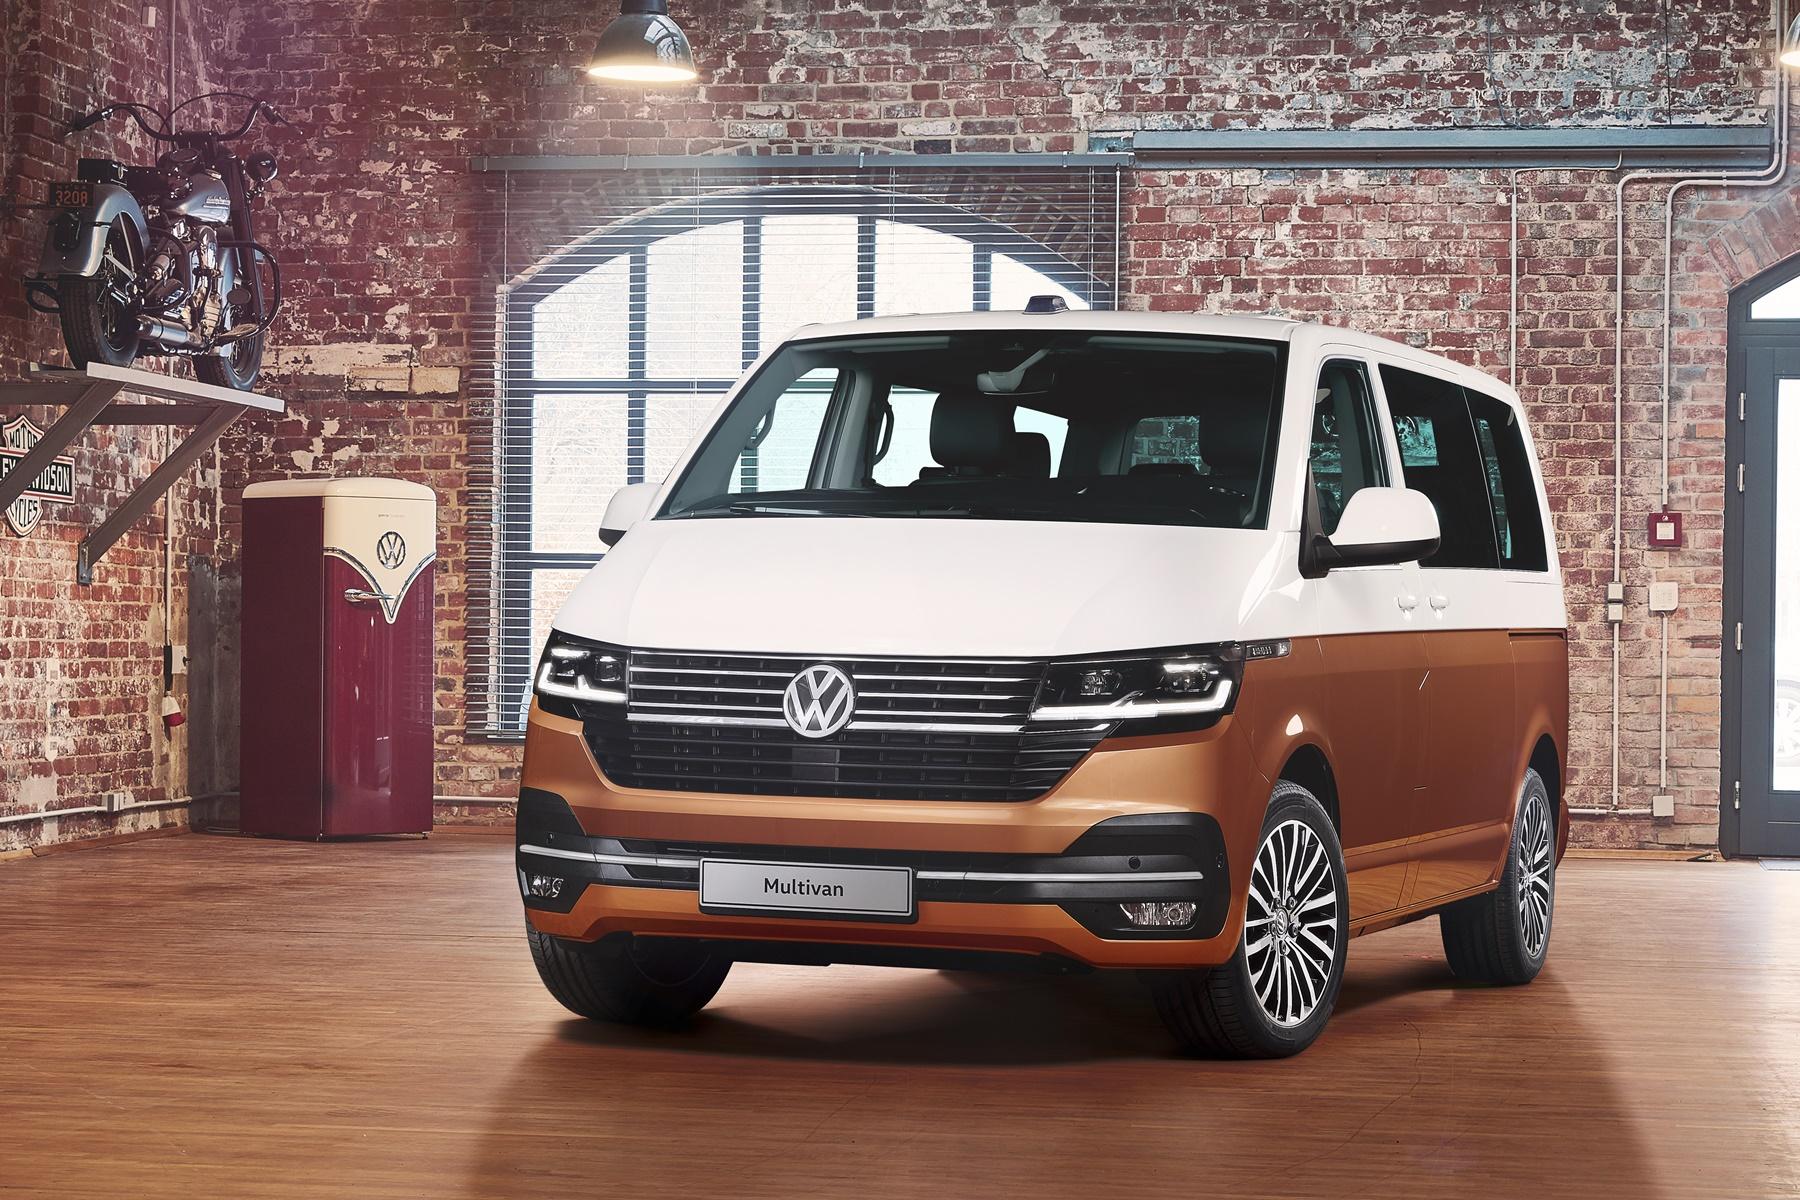 2020 Volkswagen Transporter Concept